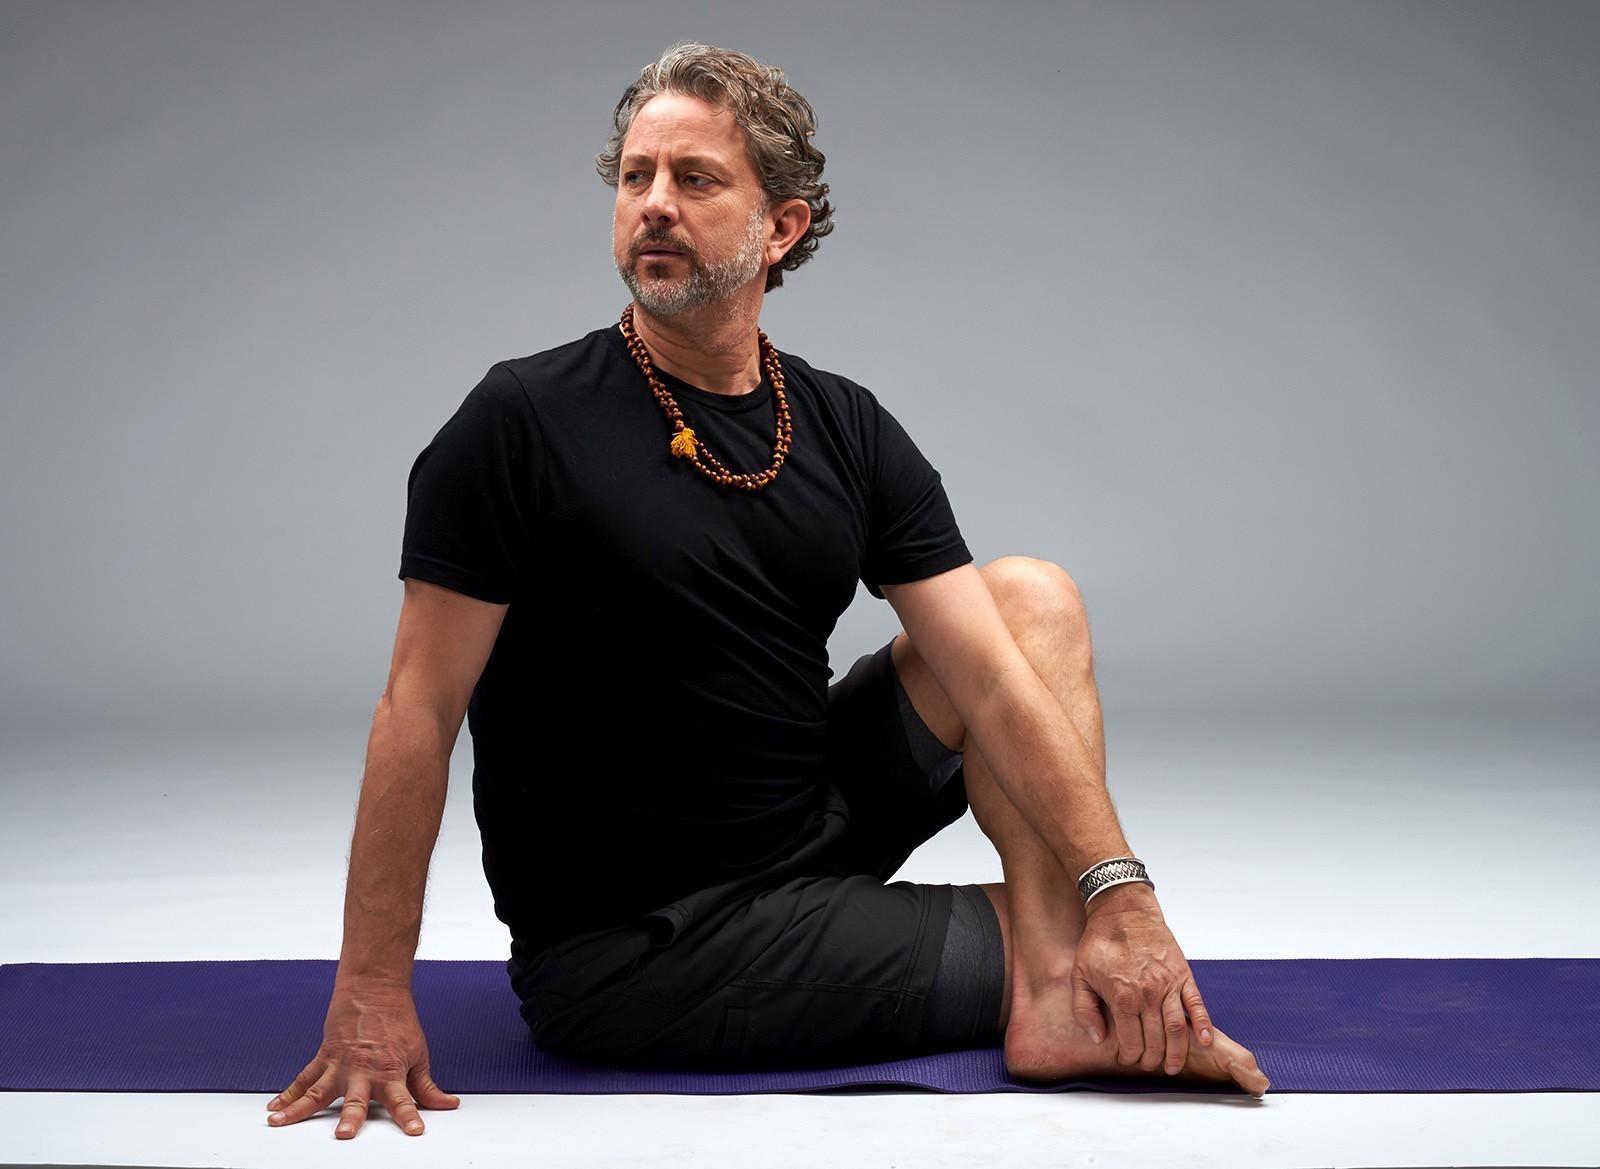 Brad Wetzler male yoga teacher on yoga mat